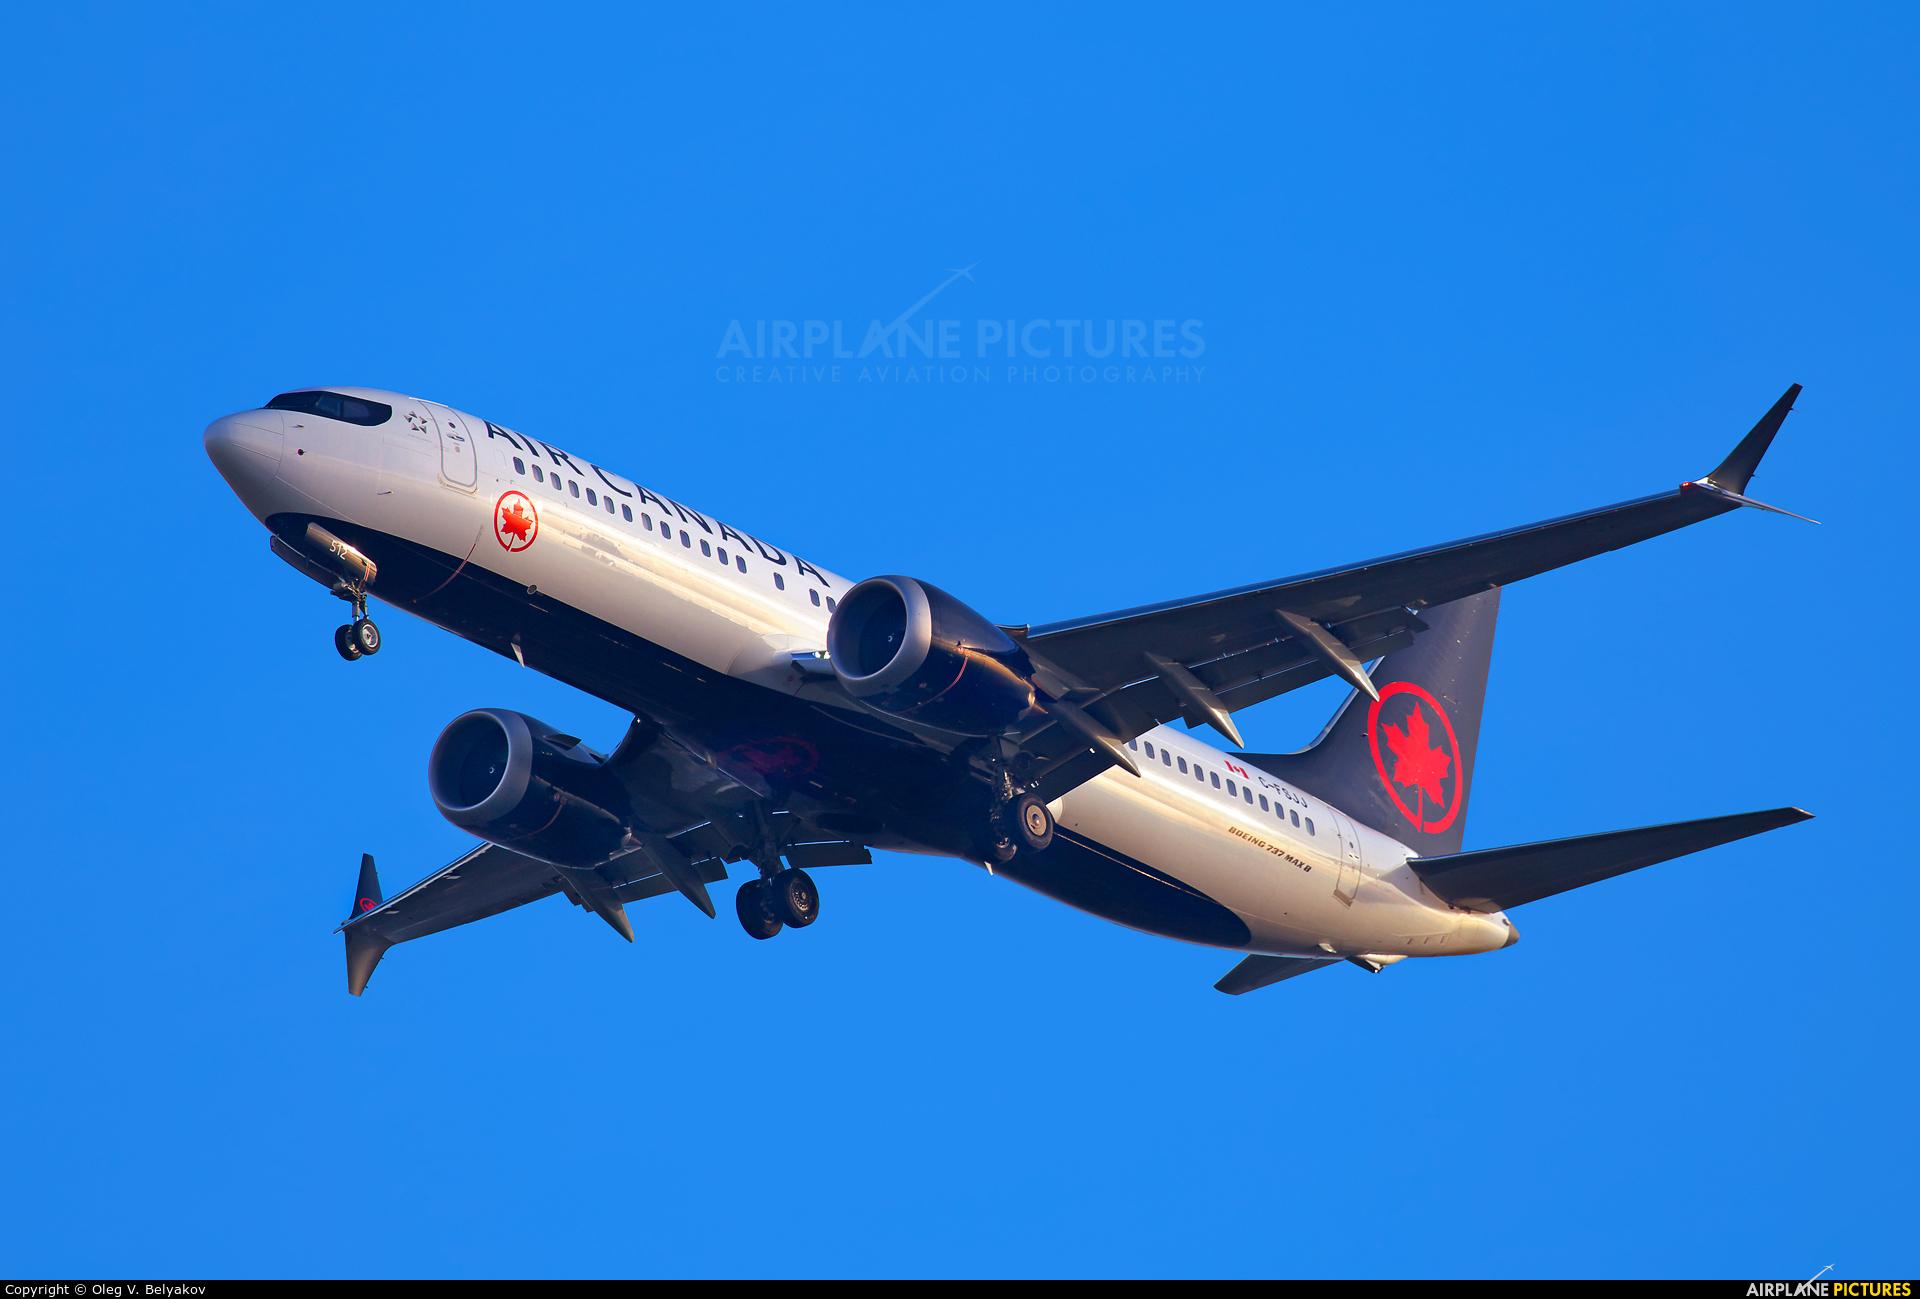 Air Canada C-FSJJ aircraft at London - Heathrow